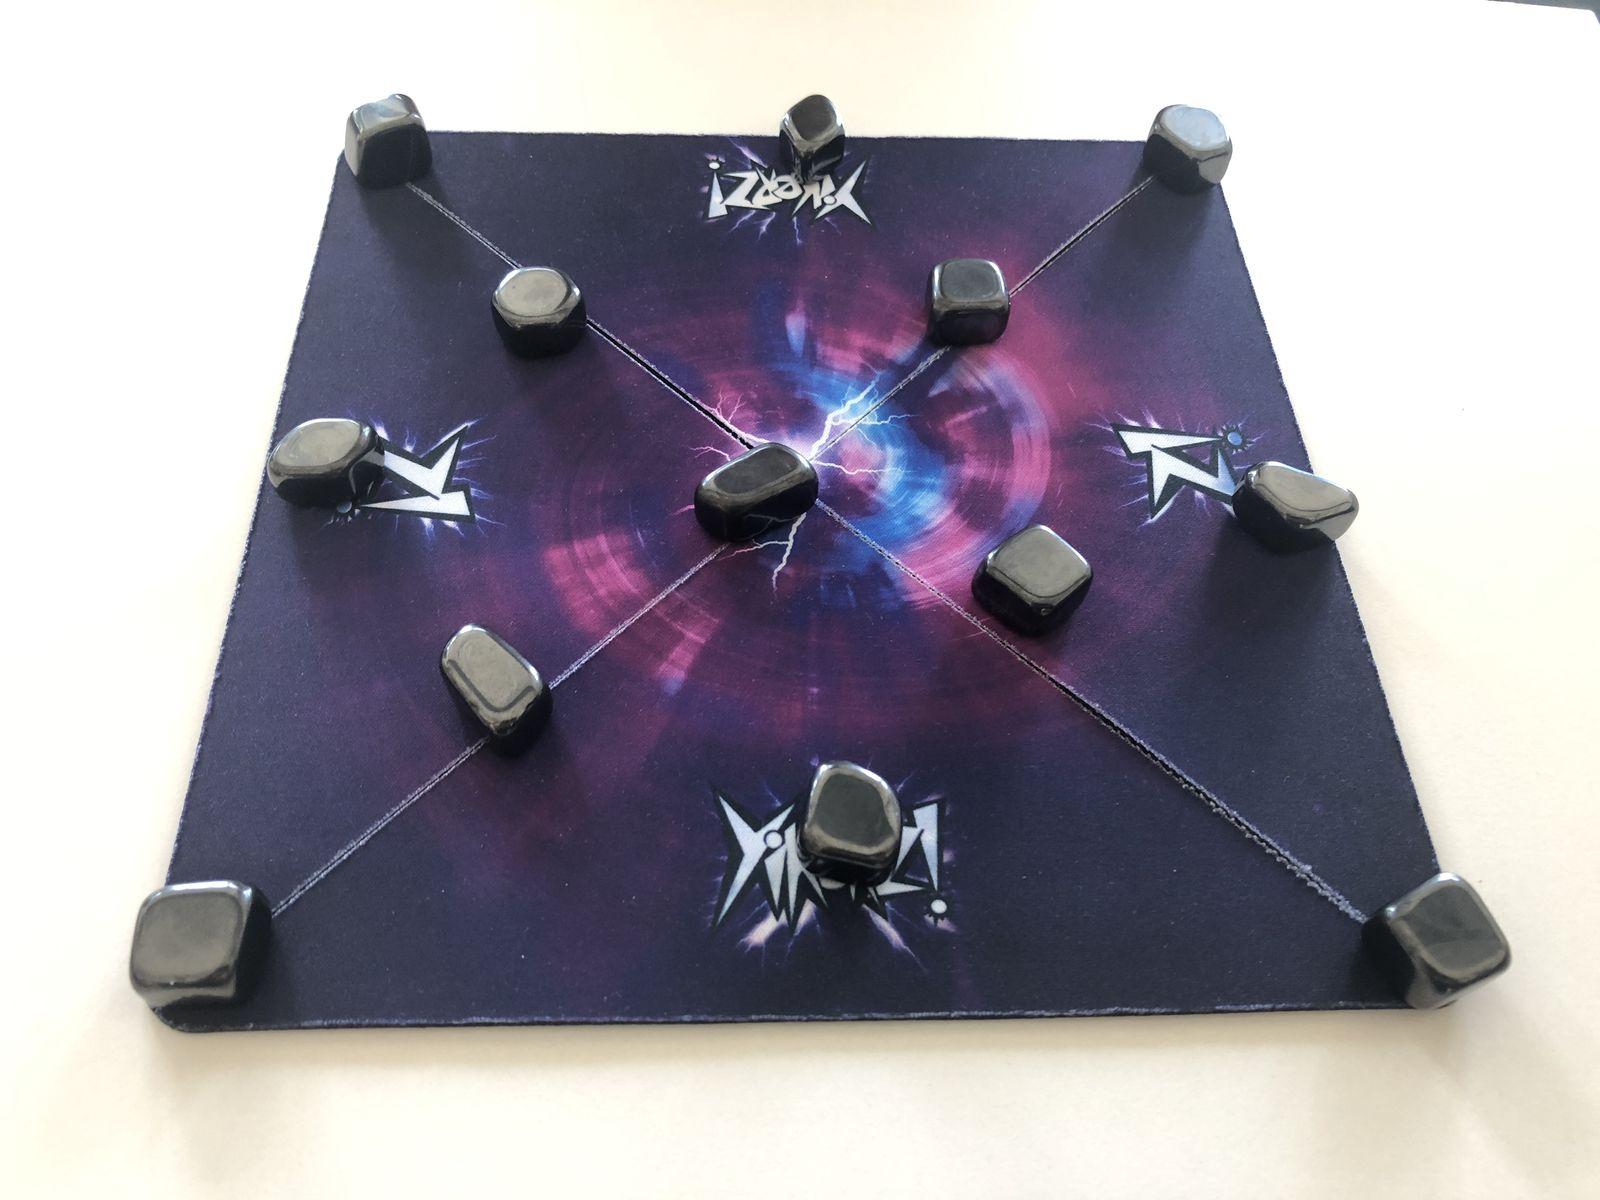 Magnetspiel Yikerz